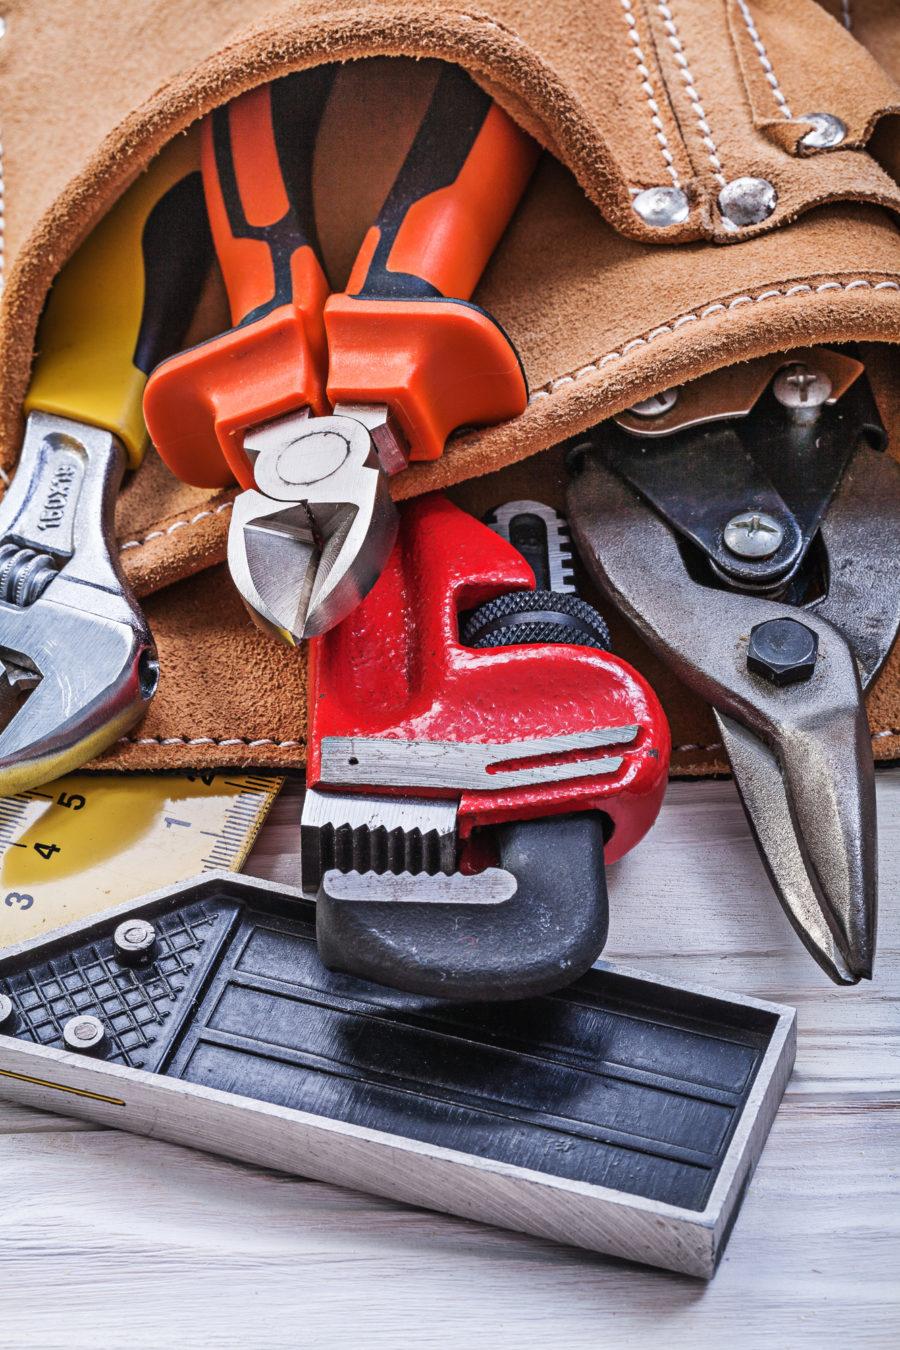 tool belt full of plumbing tools. DIY Plumbing